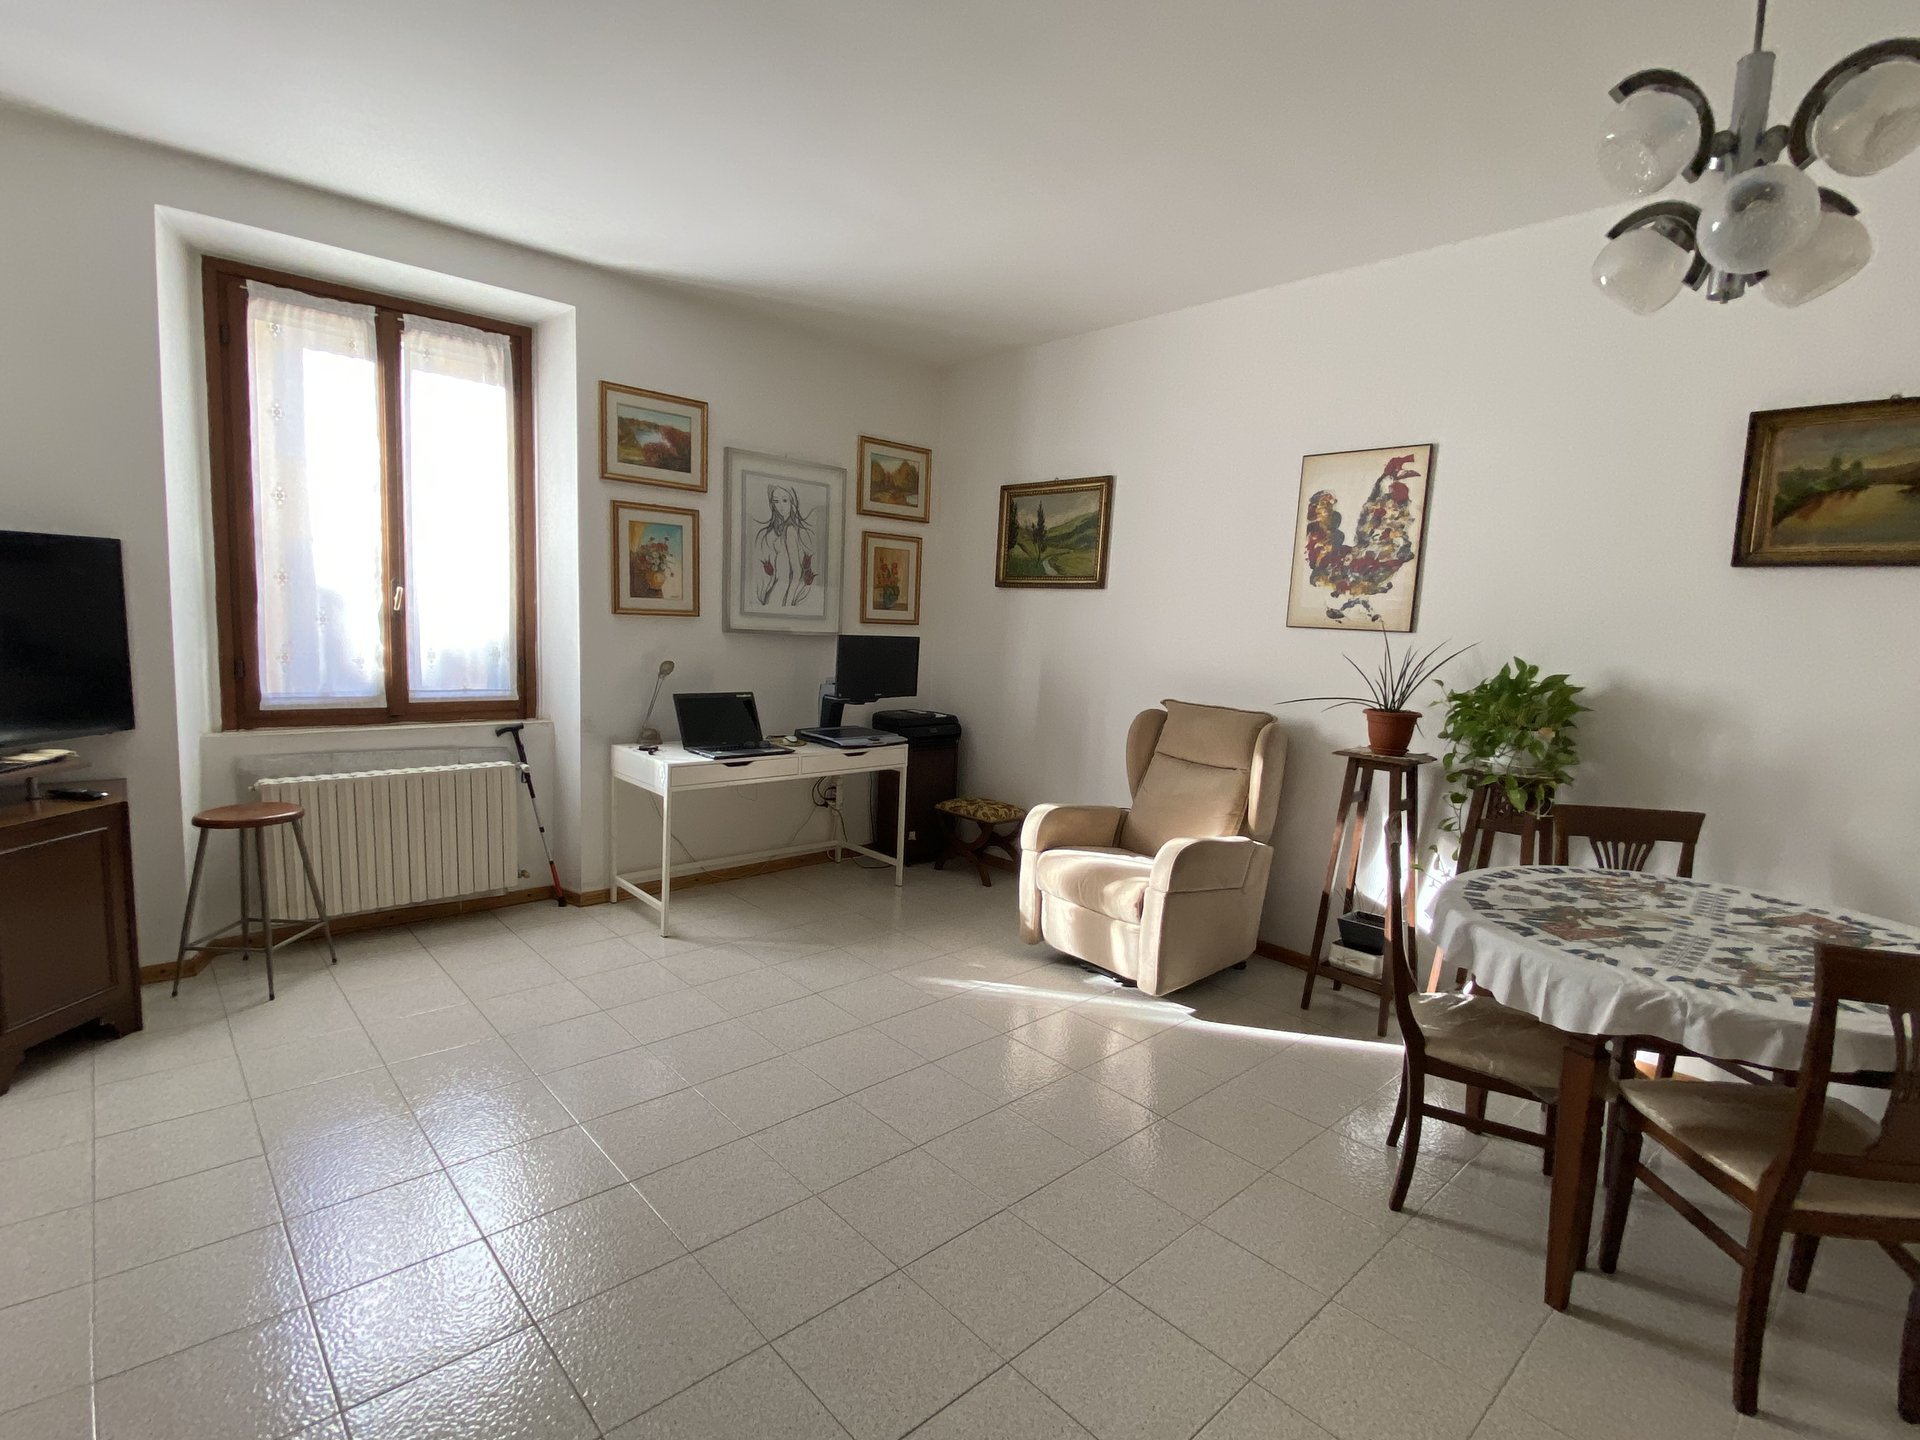 Milano - Via Marco d'Oggiono n. 3. Signorile appartamento cinque locali 150 mq